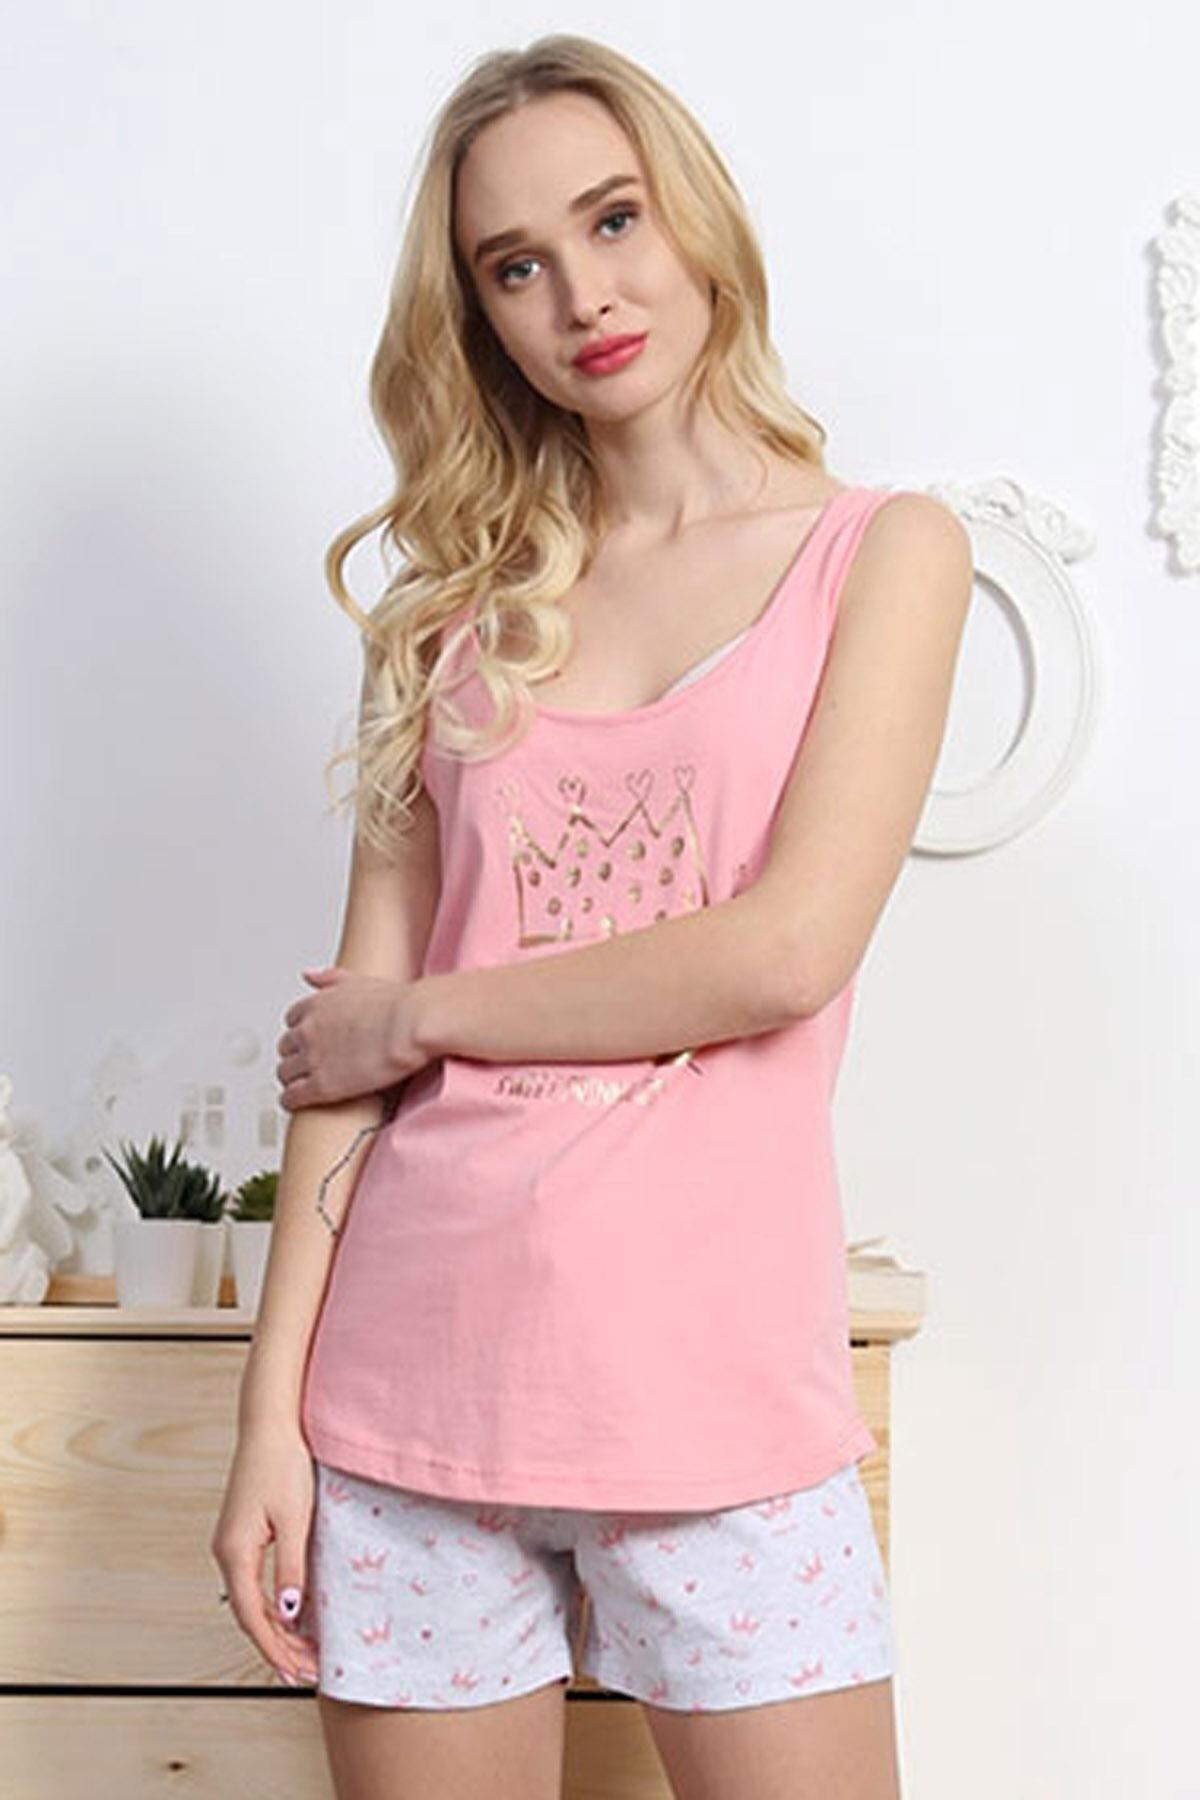 Pattaya Kadın Kolsuz Tişört Şort Pijama Takımı Y20s137-8100672696 1